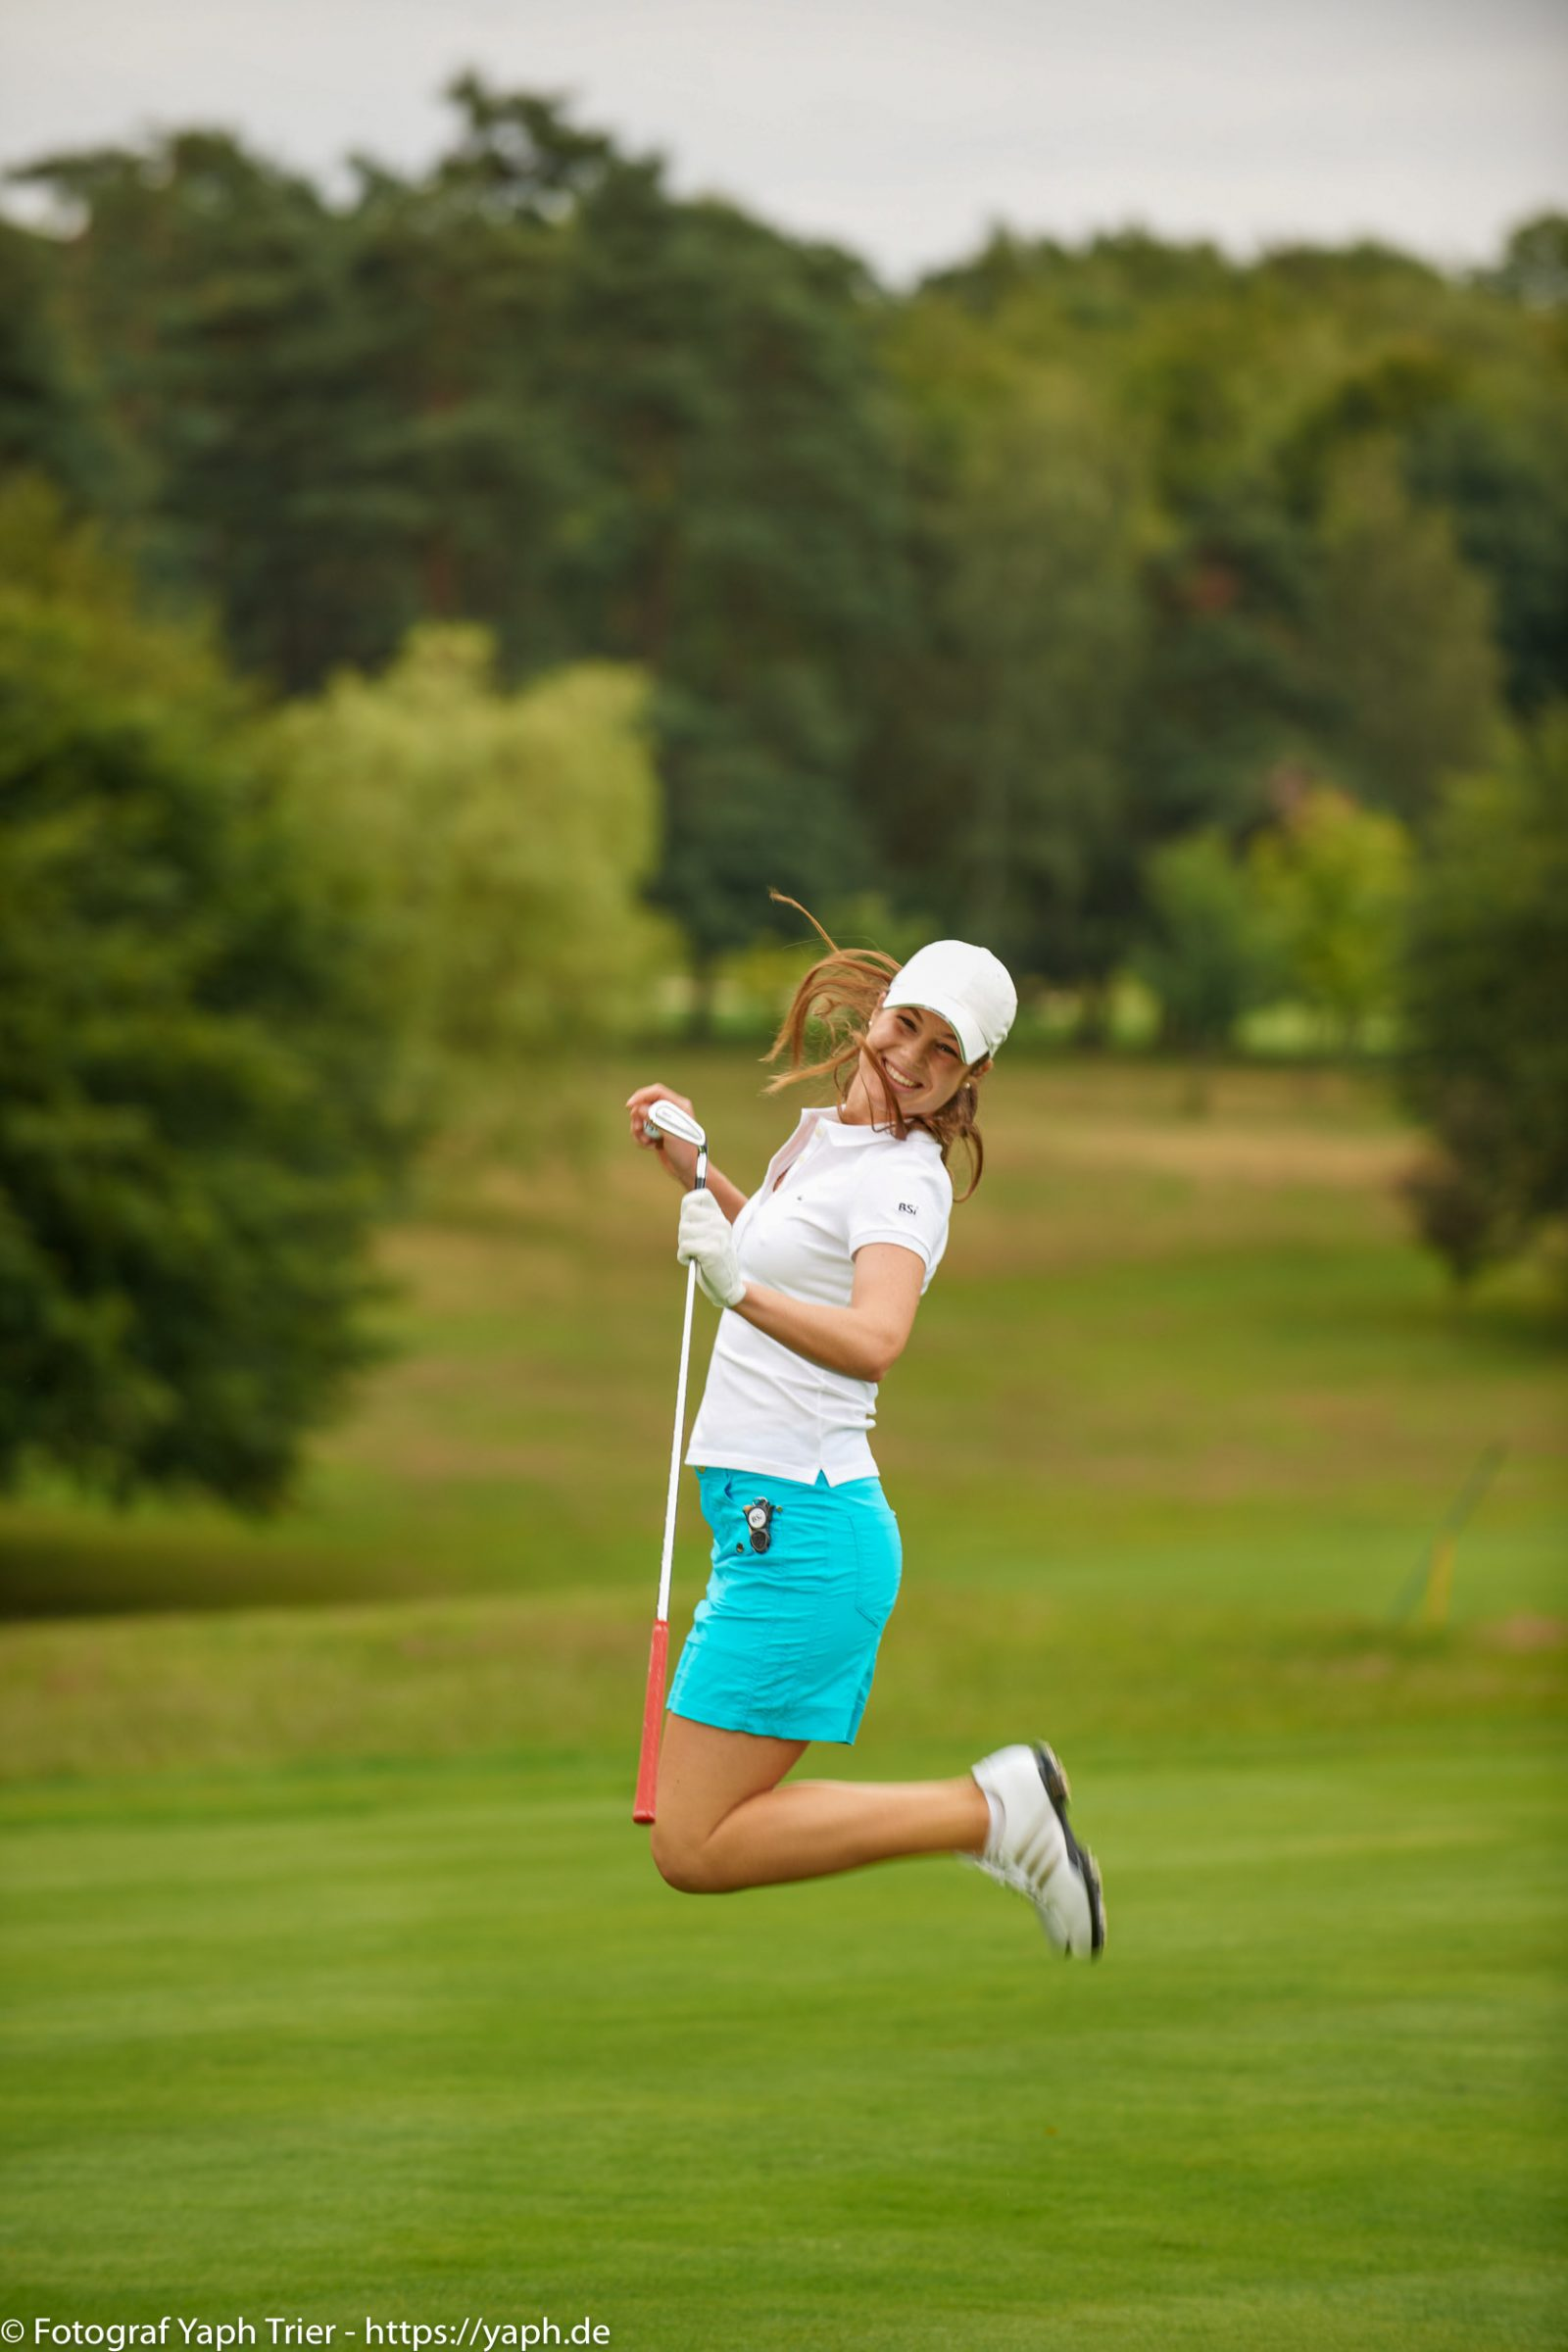 Liebelei Elena Lawrence - luxemburger Golfspielerin bei Fotograf Yaph - 28